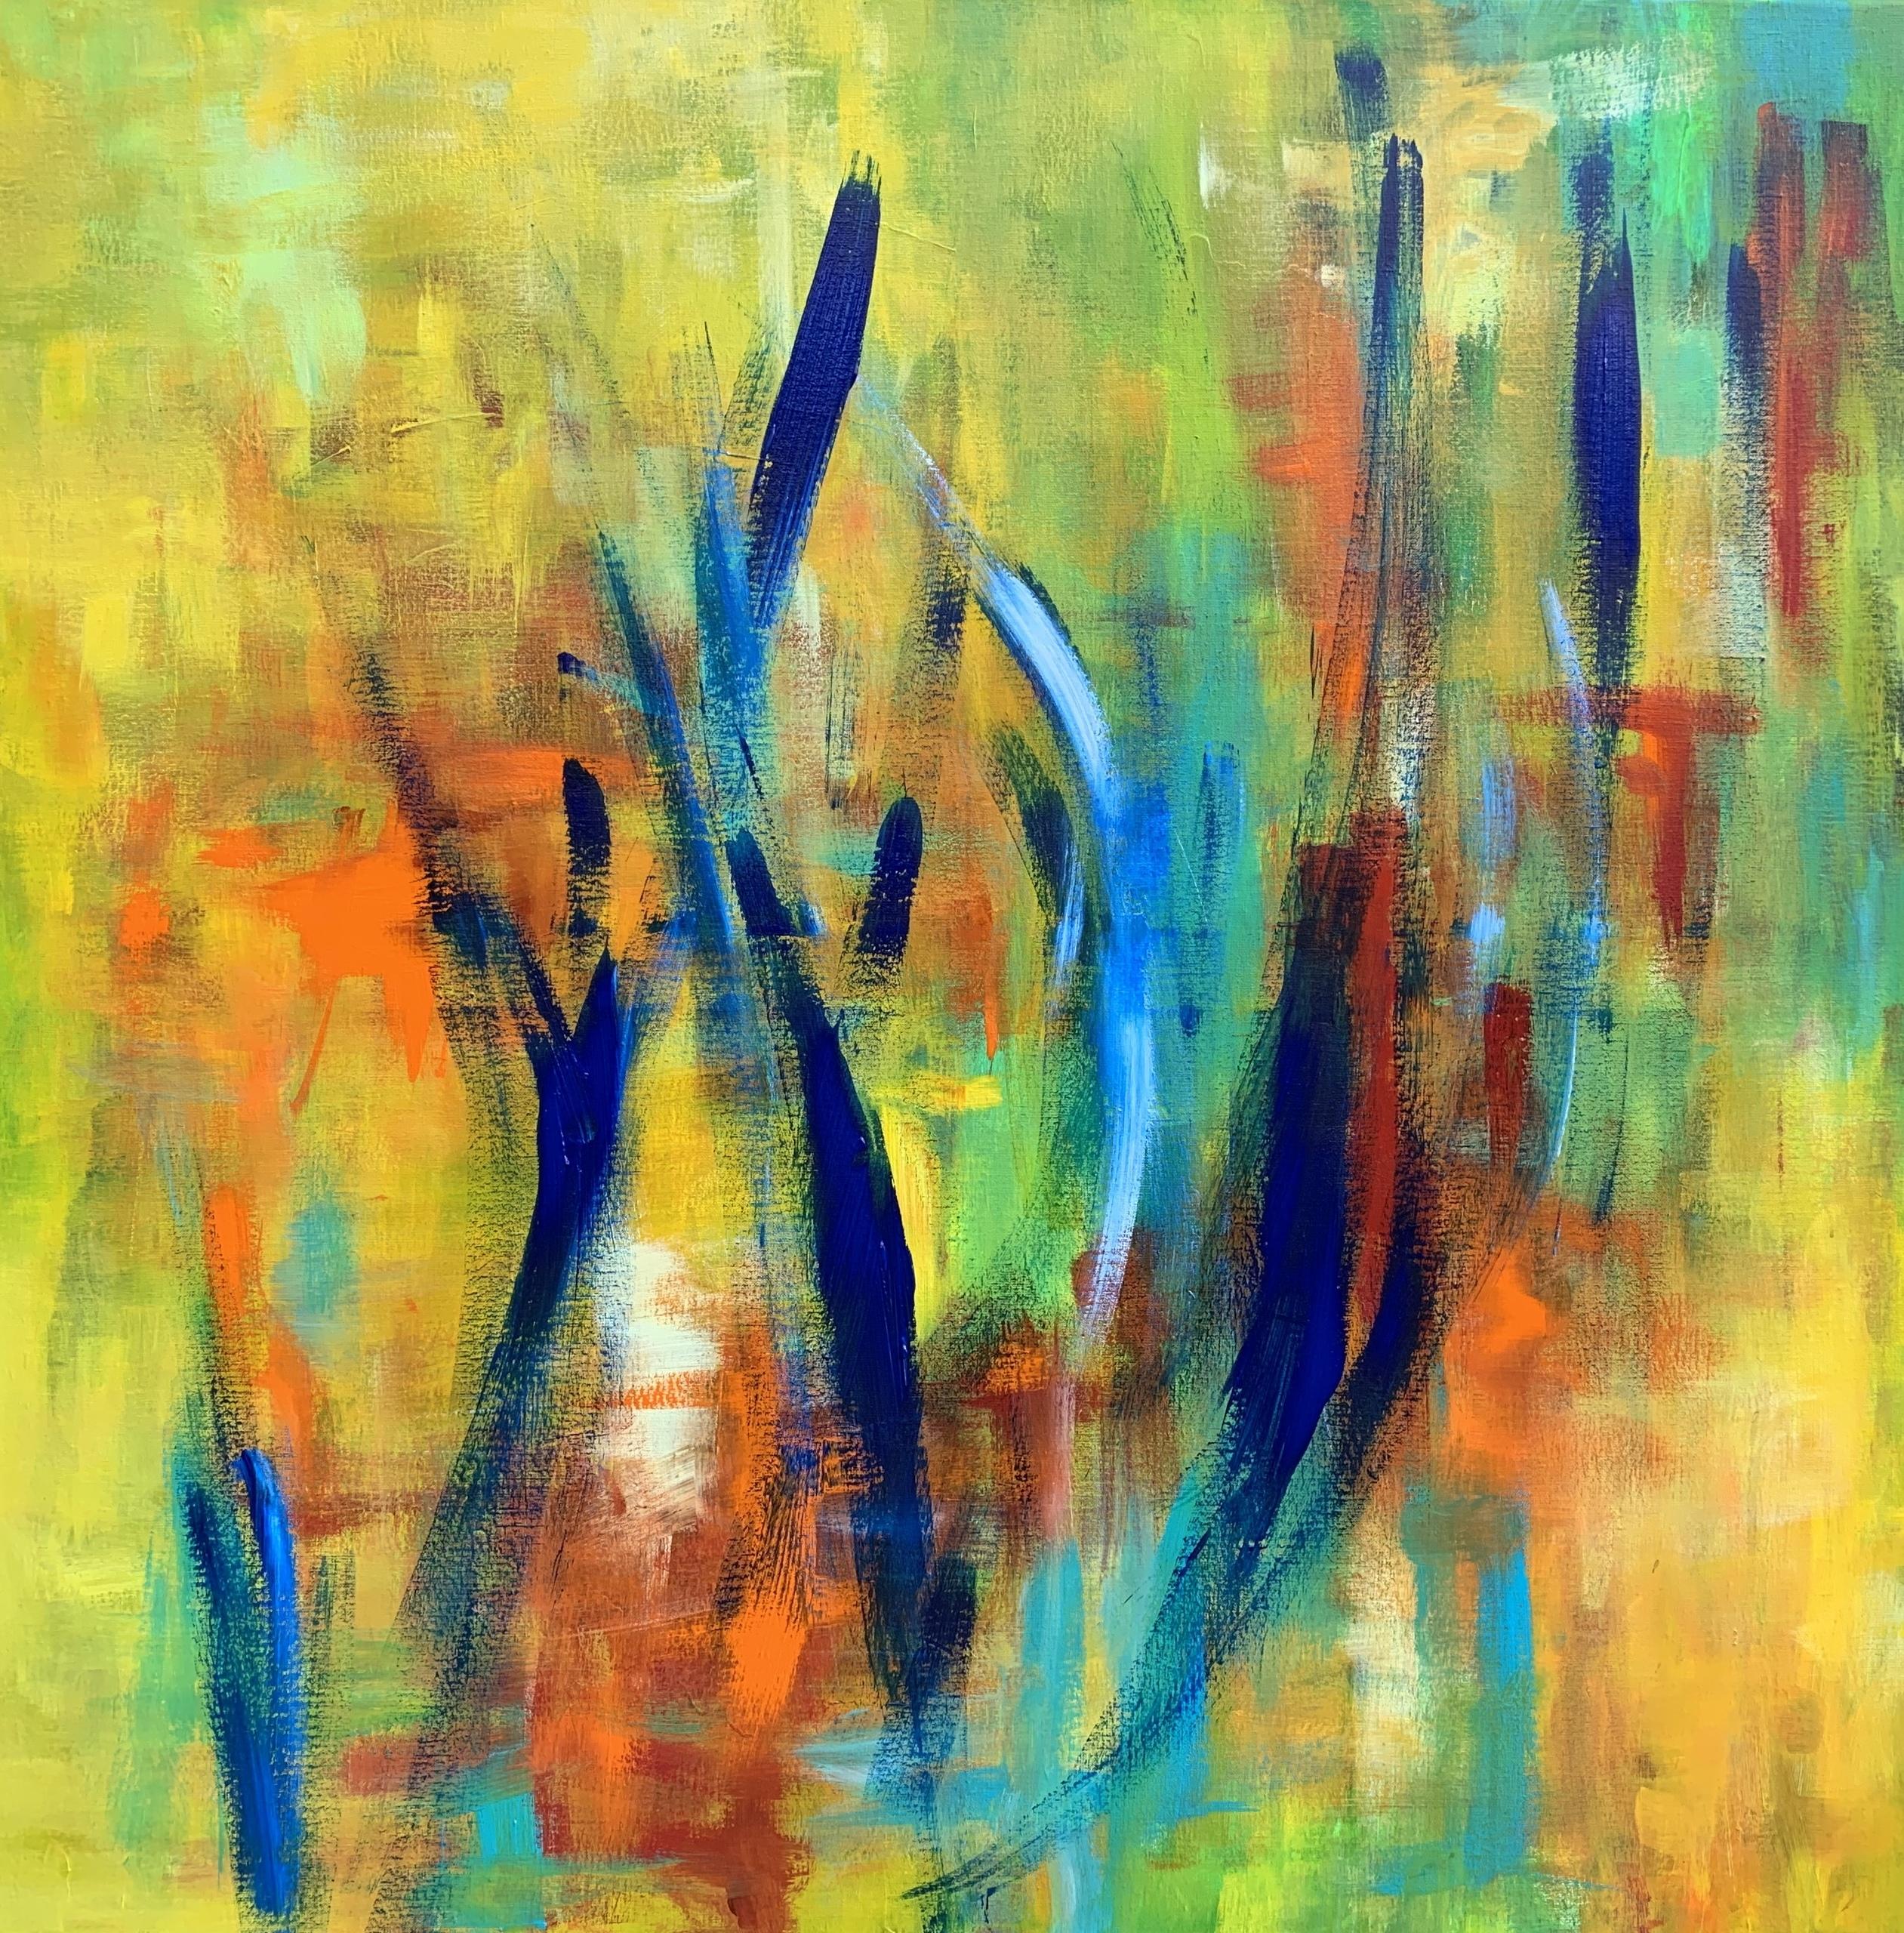 Et skønt farvespil i dette dynamiske maleri, hvor nogle ser stregerne som mennesker andre som græs i vinden.